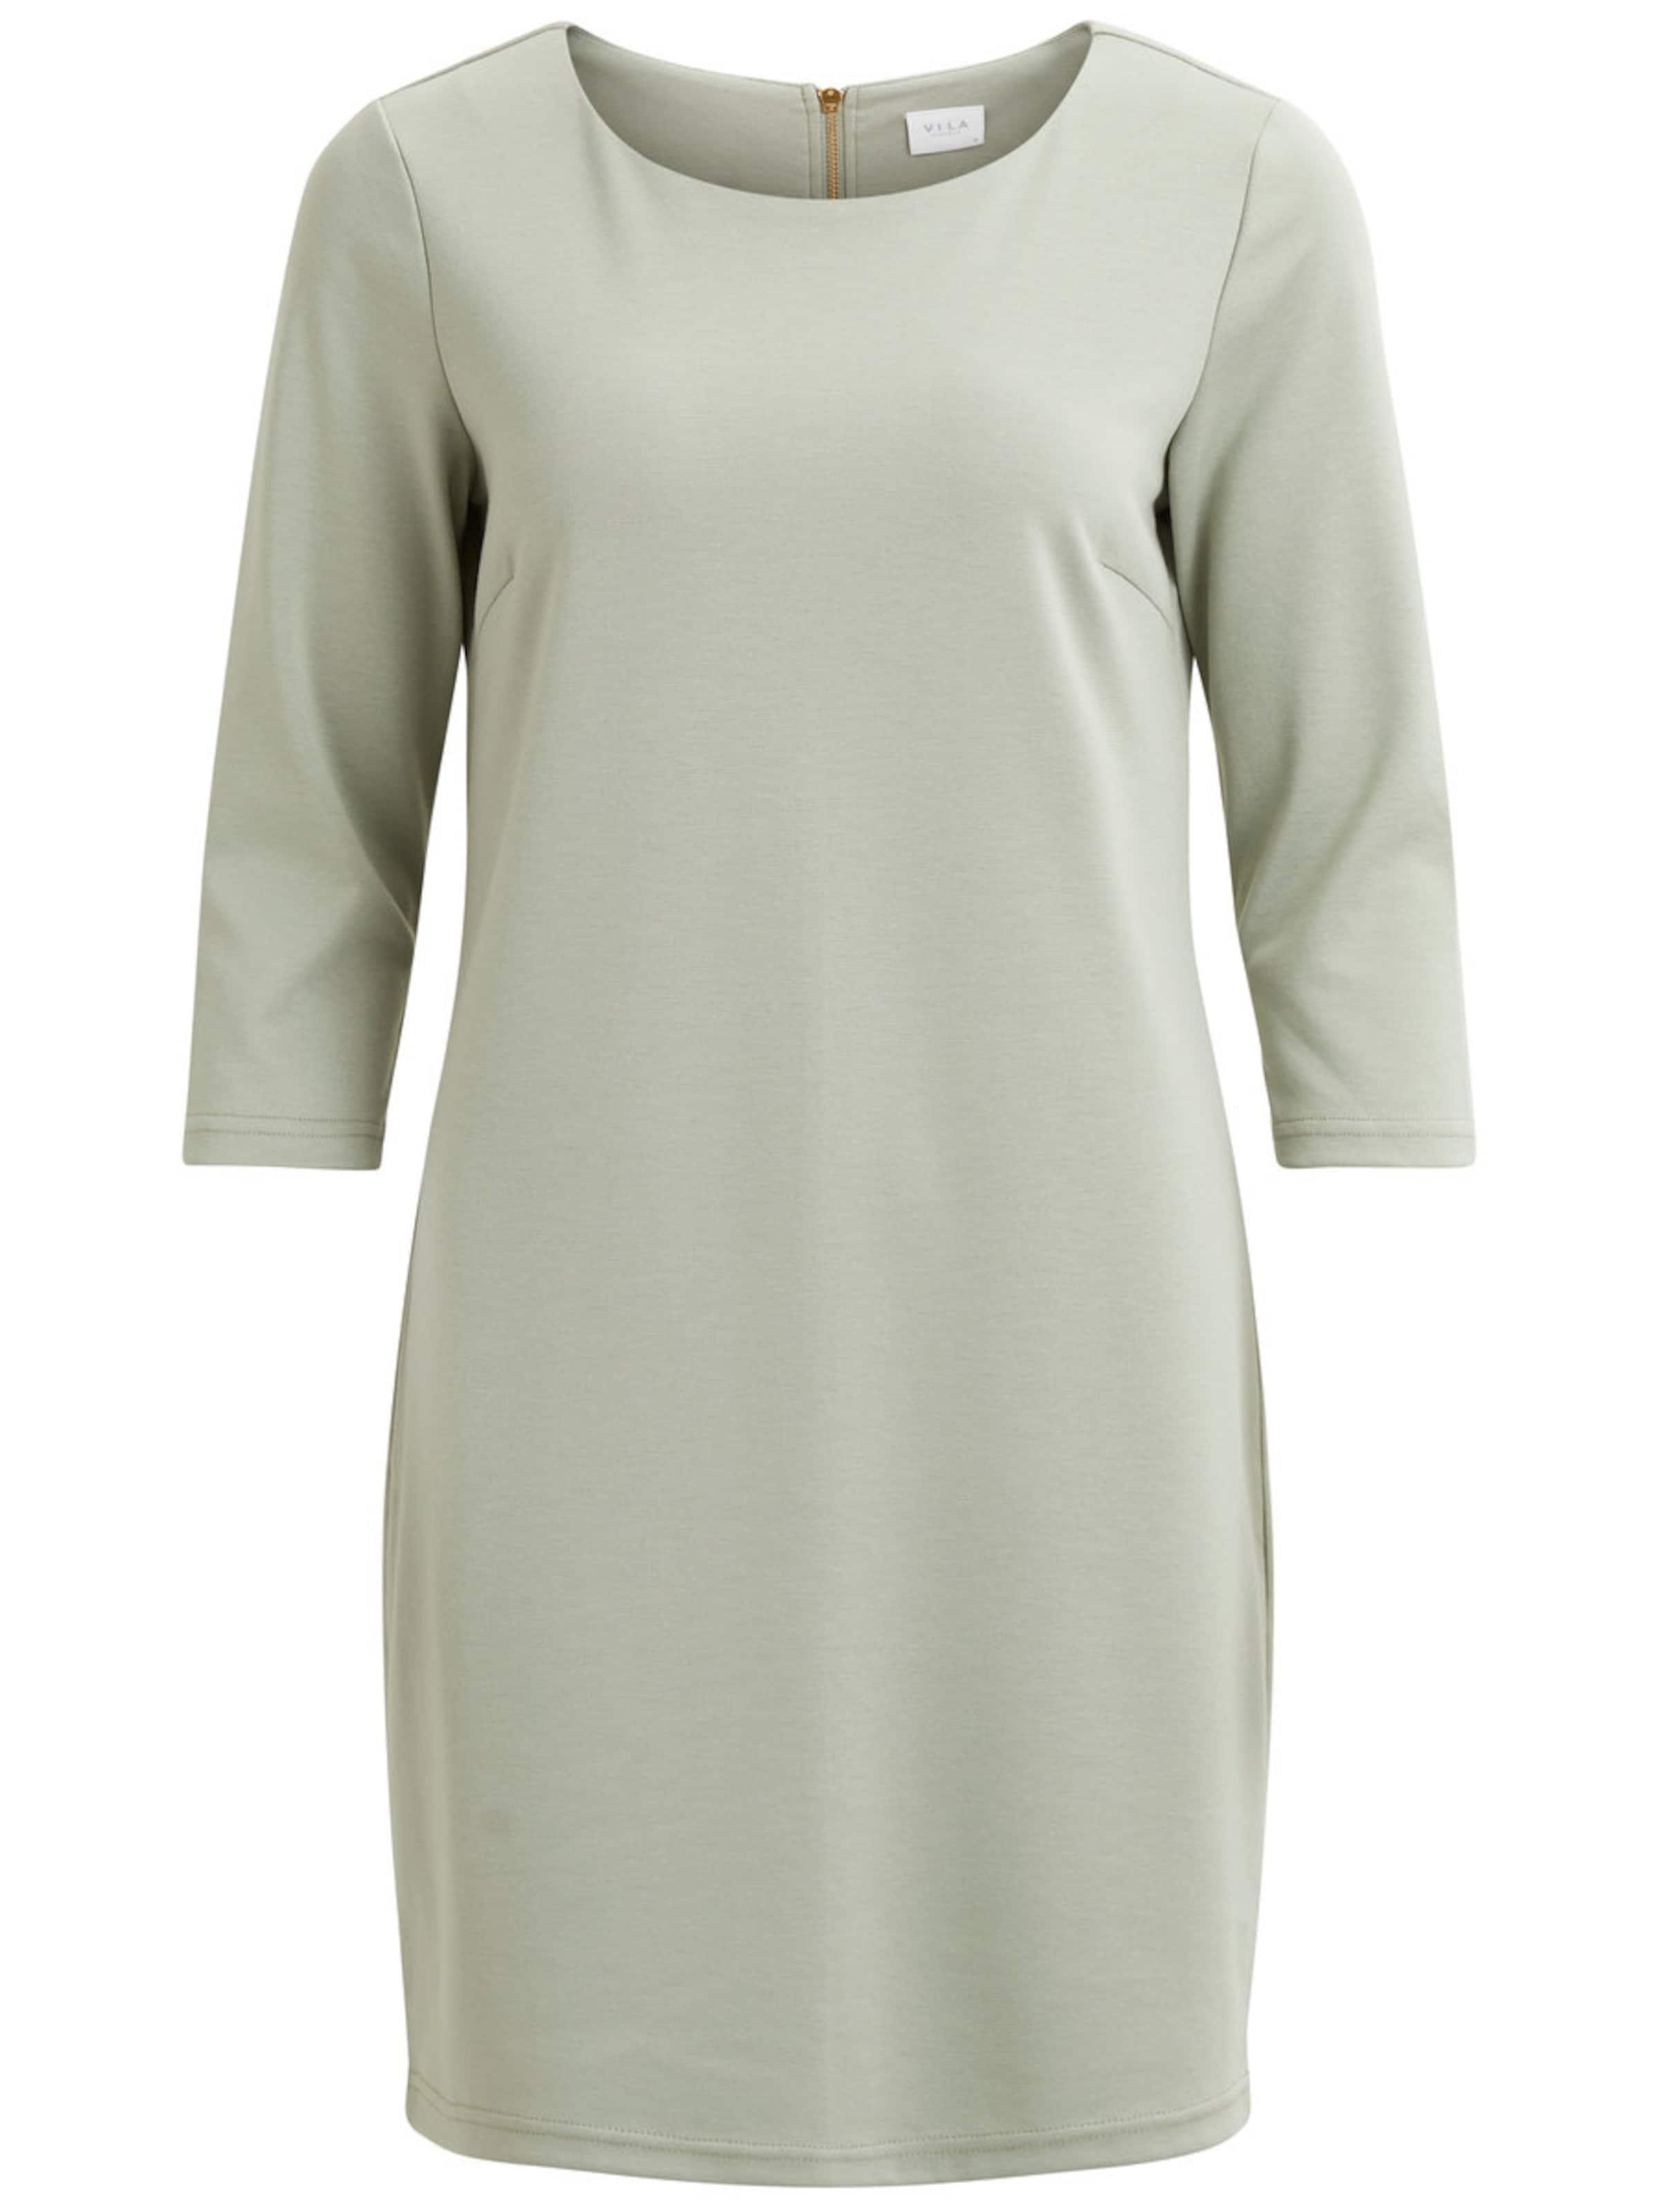 Professionelle Verkauf Online VILA Kleid Billig Besten Freies Verschiffen Preiswerteste Qualität Aus Deutschland Großhandel Neu Werden aH1xicCj